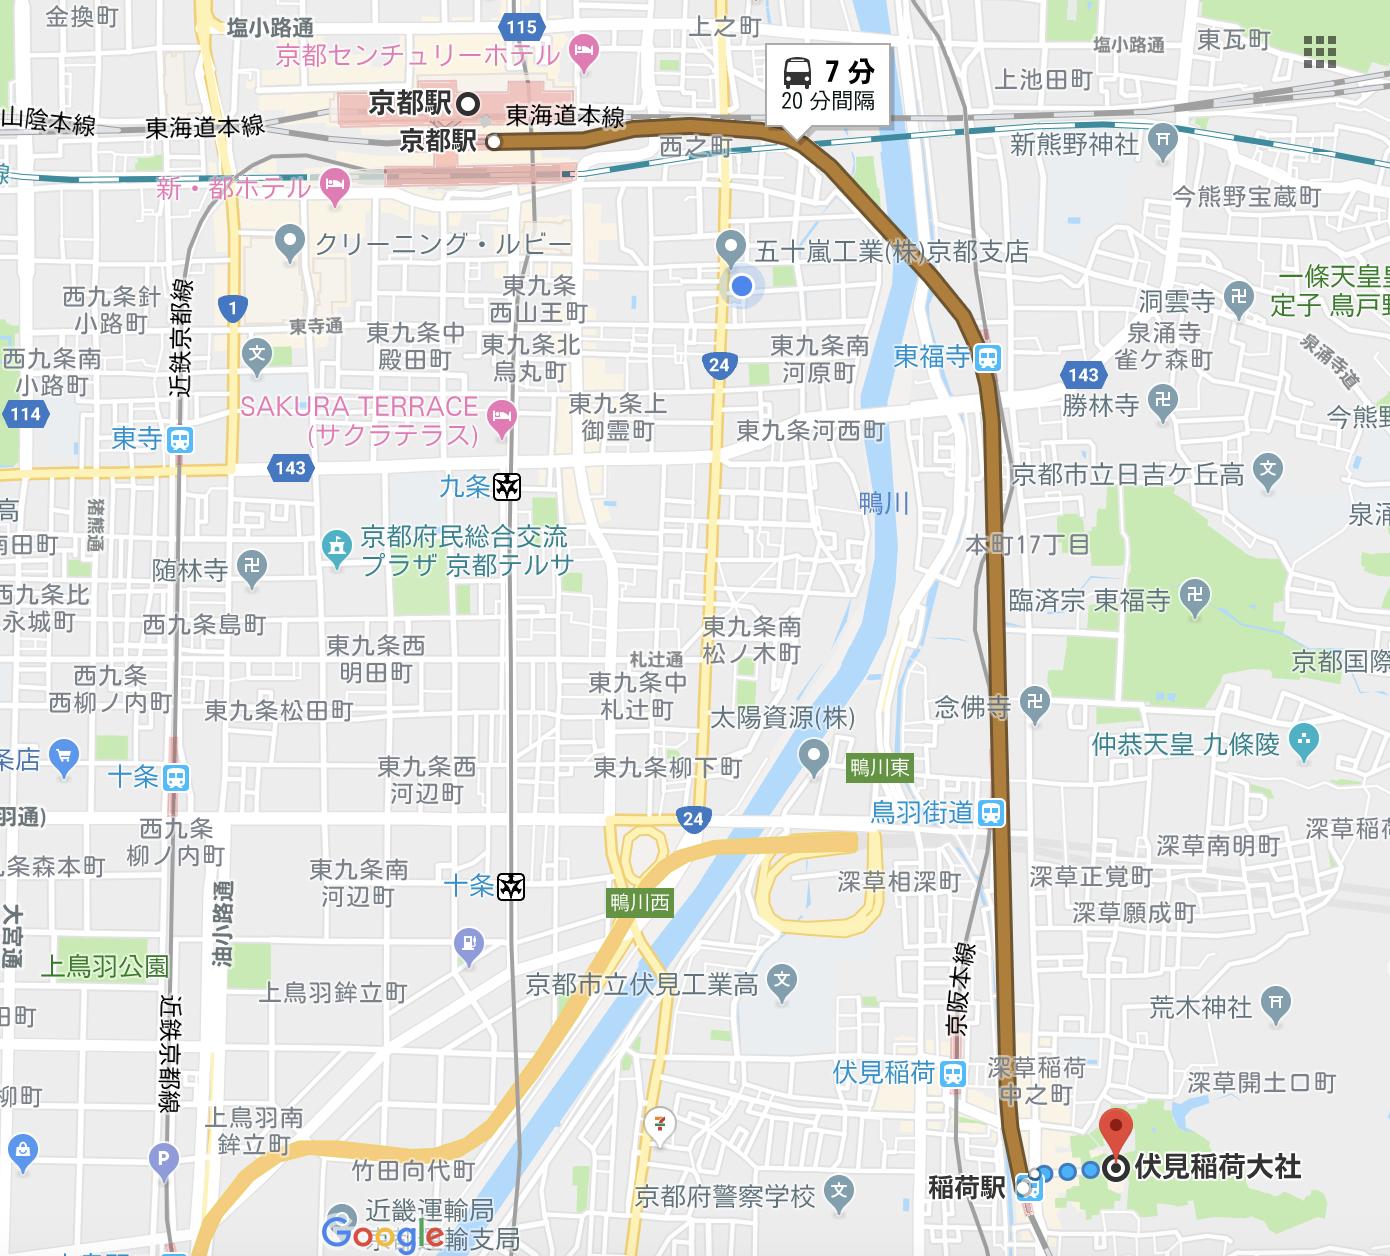 伏見稲荷大社へのアクセス方法